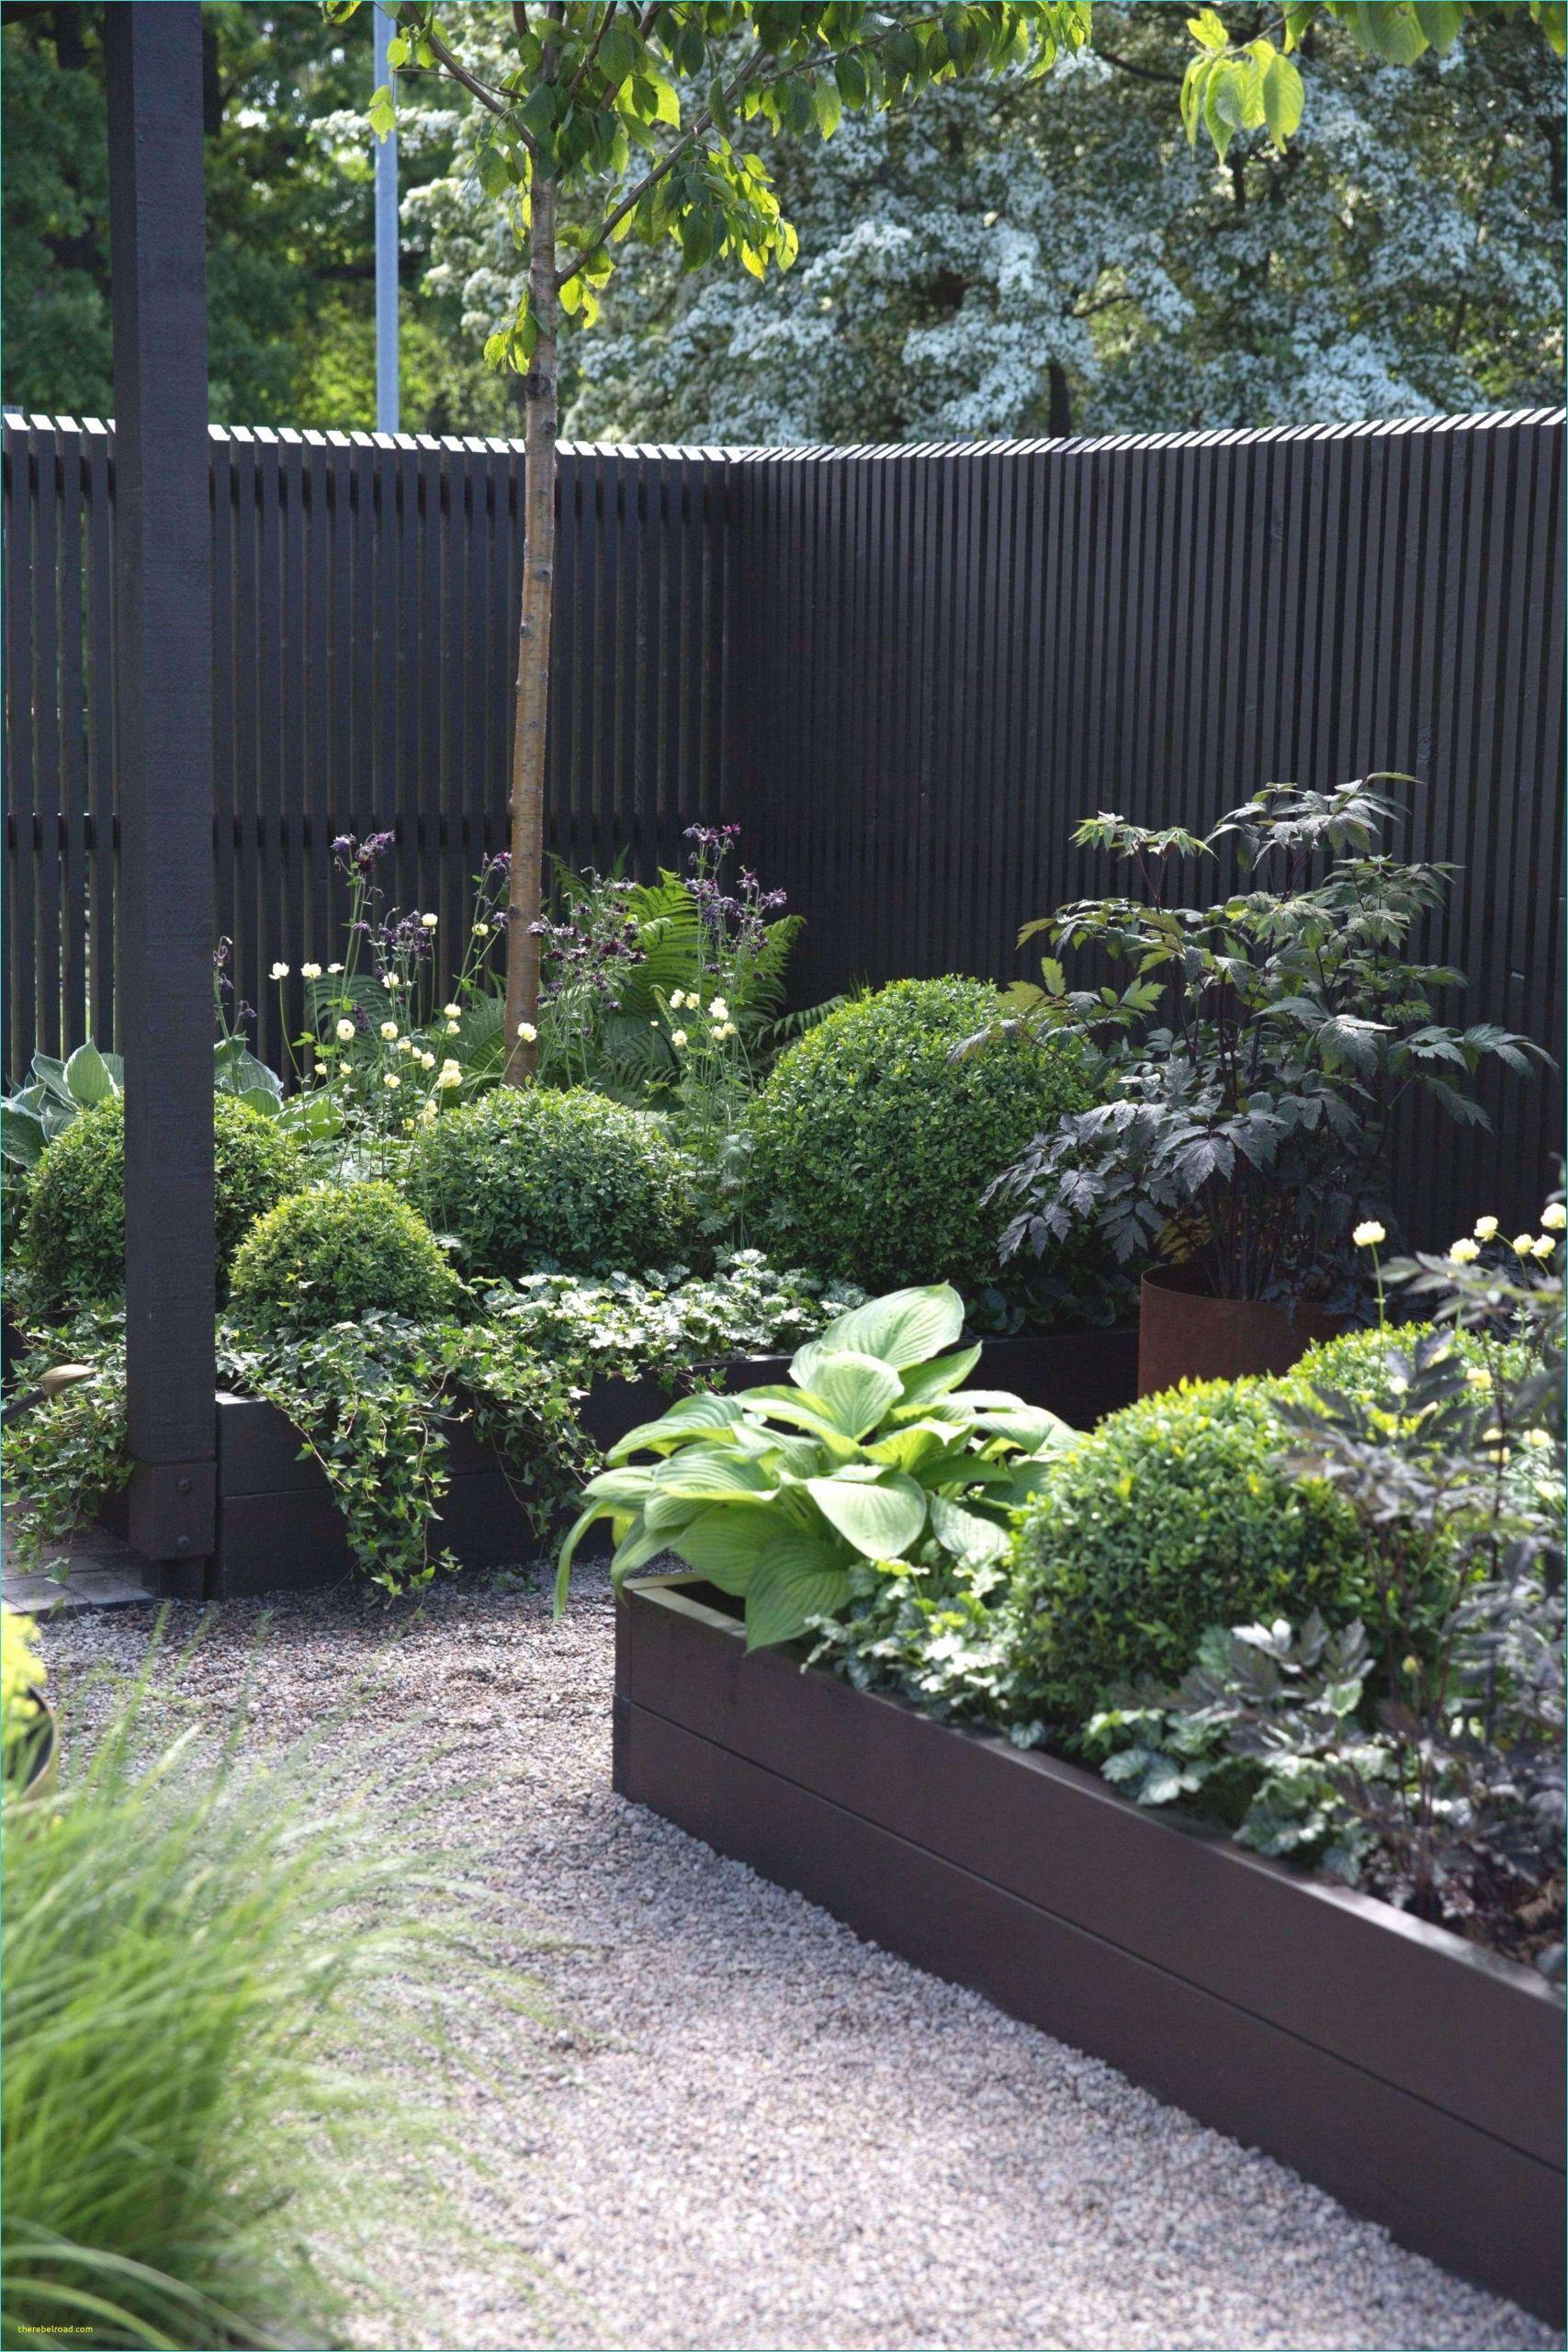 Deko Ideen Für Garten Frisch 74 Schön Loungemöbel Für Garten